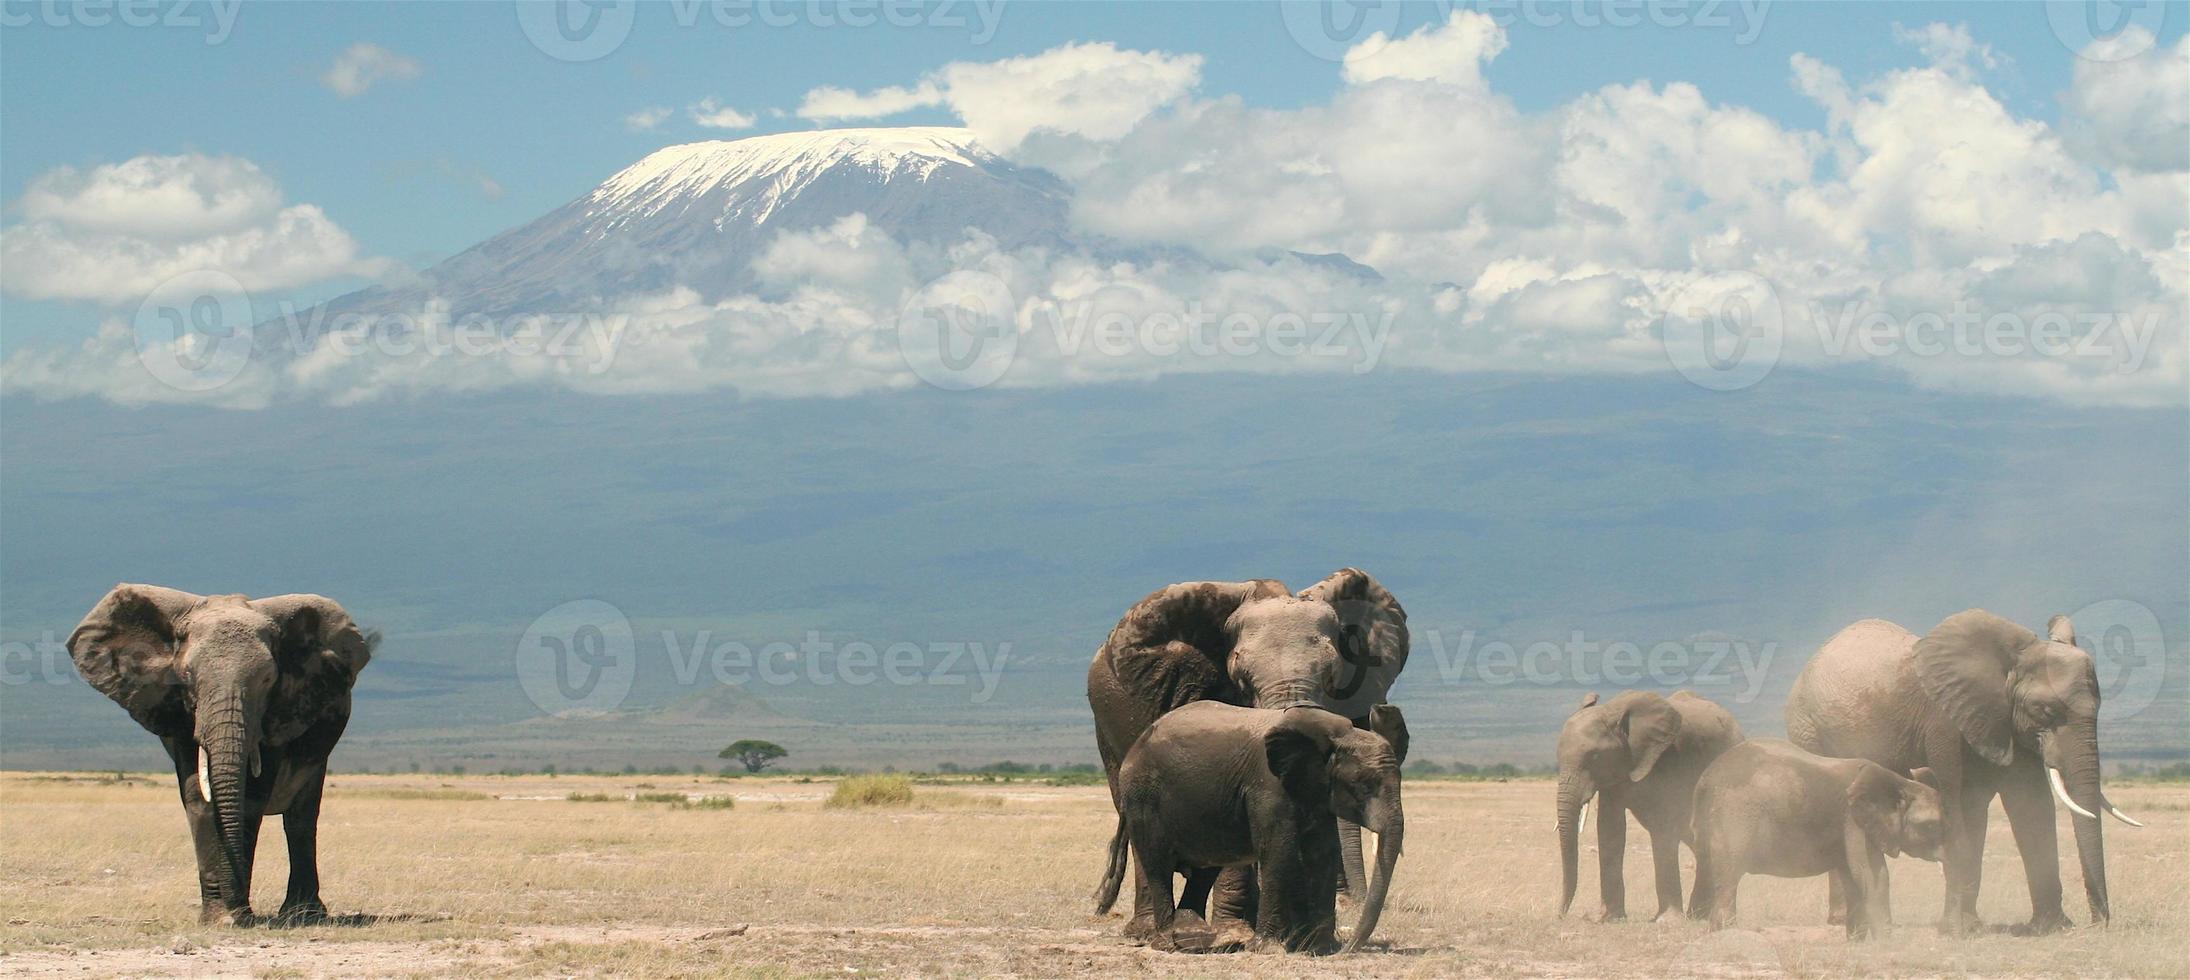 elefantes e a montanha foto